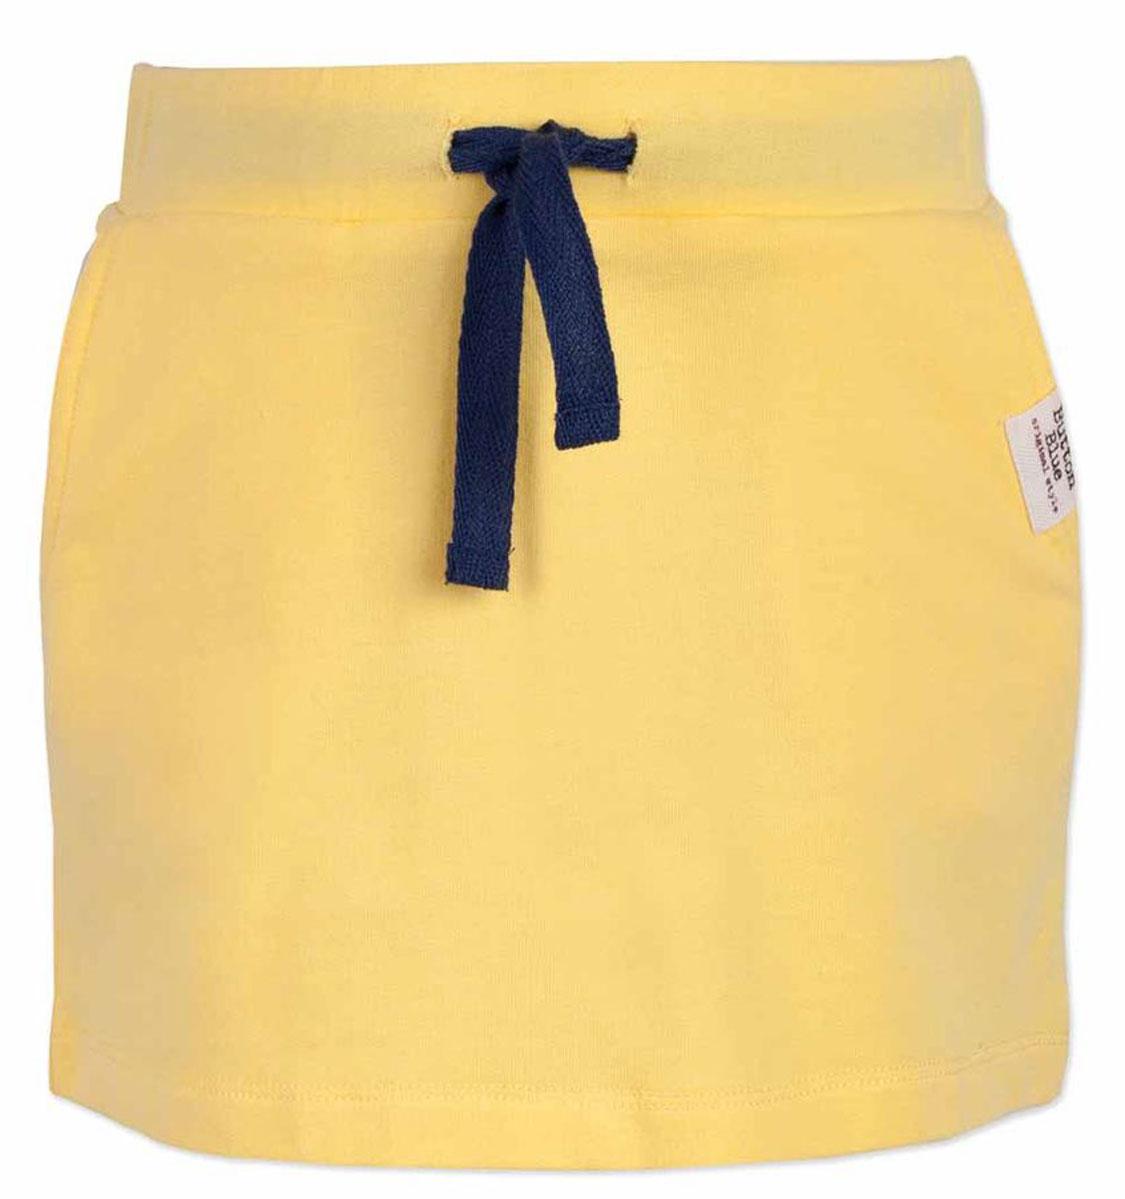 Юбка117BBGC55012700Не один детский гардероб не обойдется без летней юбки. А если она еще и красива, и удобна, и продается по доступной цене, эта юбка девочке просто необходима! Если вы хотите купить стильную трикотажную юбку недорого, не сомневаясь в ее качестве, комфорте и высоких потребительских свойствах, эта симпатичная модель в спортивном стиле — отличный вариант!